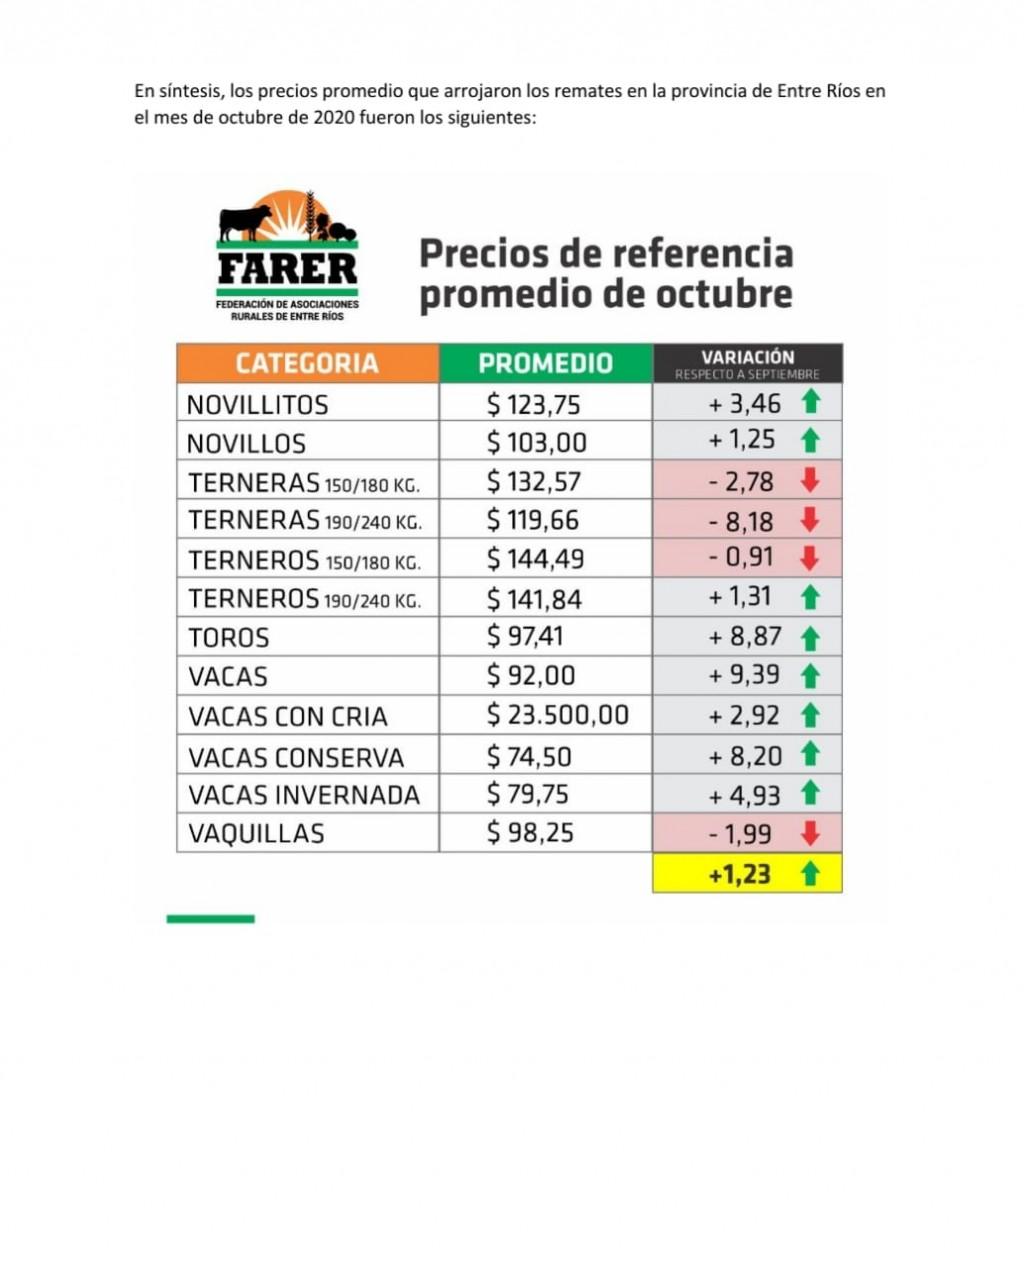 OCTUBRE: LA HACIENDA MARCÓ UN LEVE  INCREMENTO DEL 1,23 %